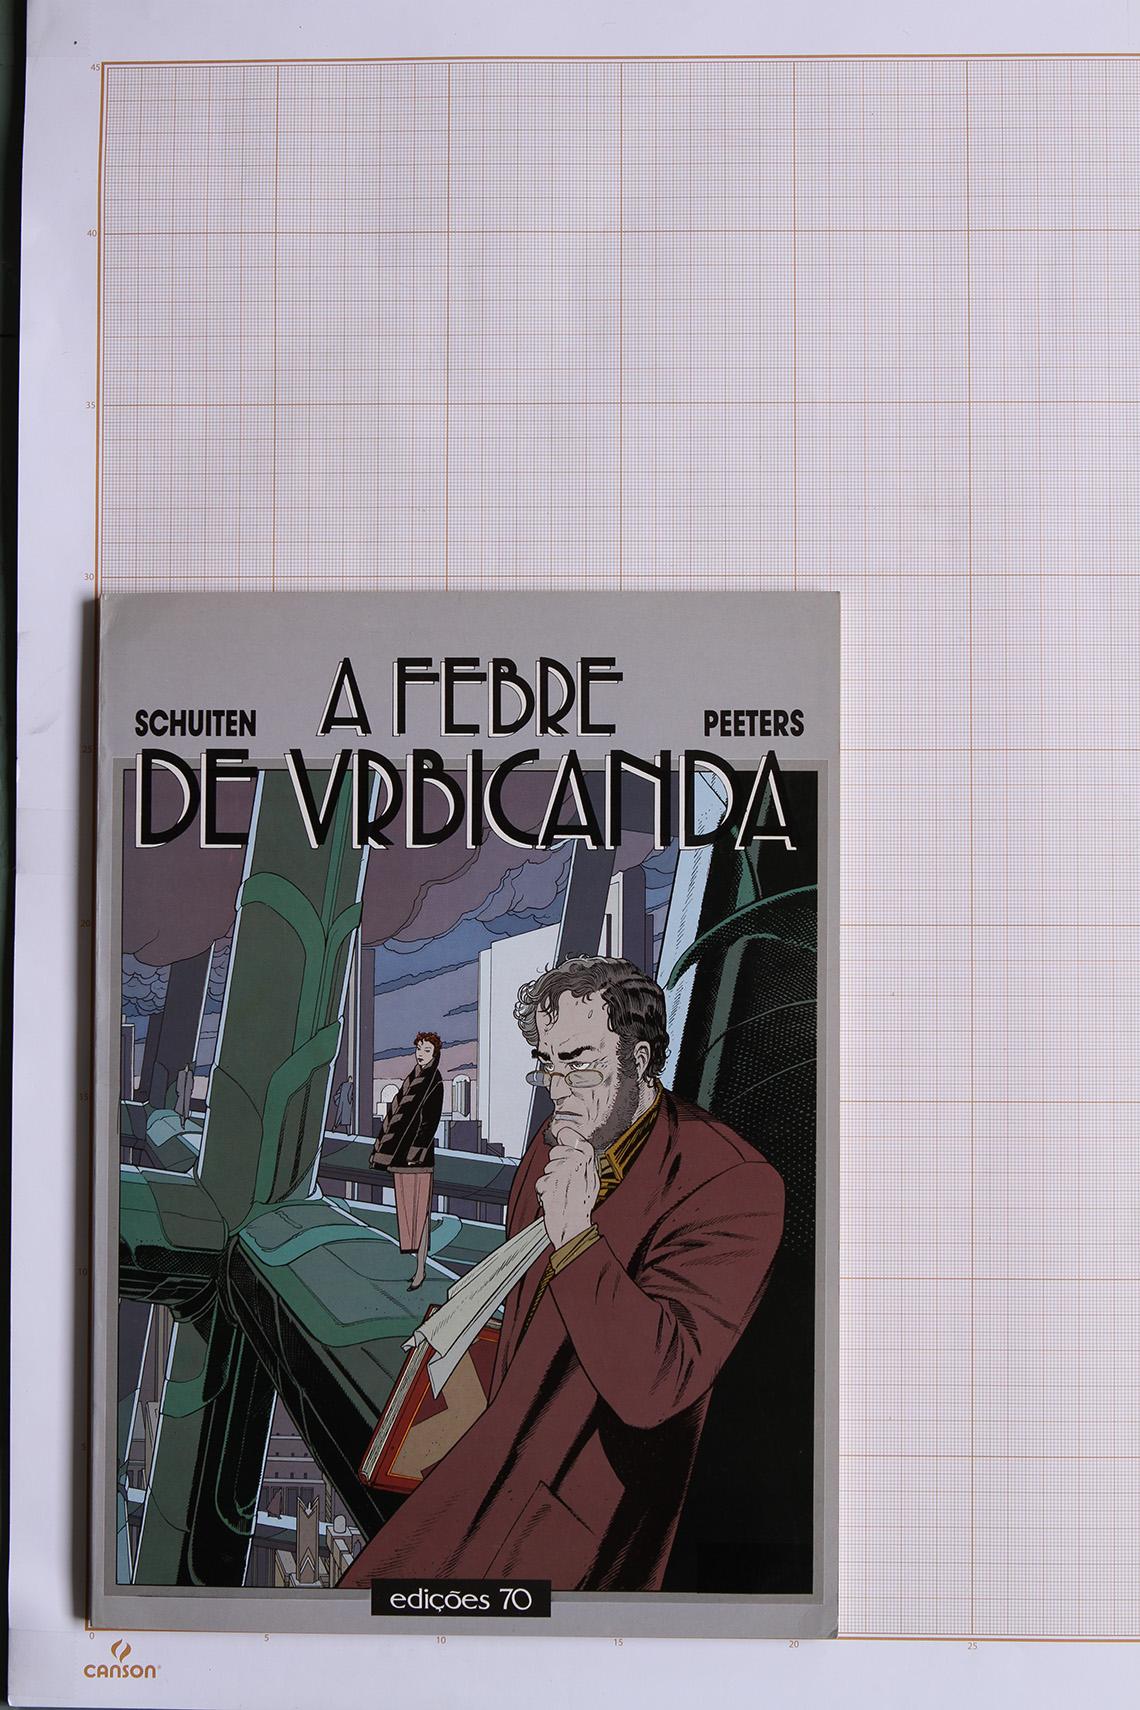 A Febre de Urbicanda, F.Schuiten & B.Peeters - Edições 70© Maison Autrique, 1987